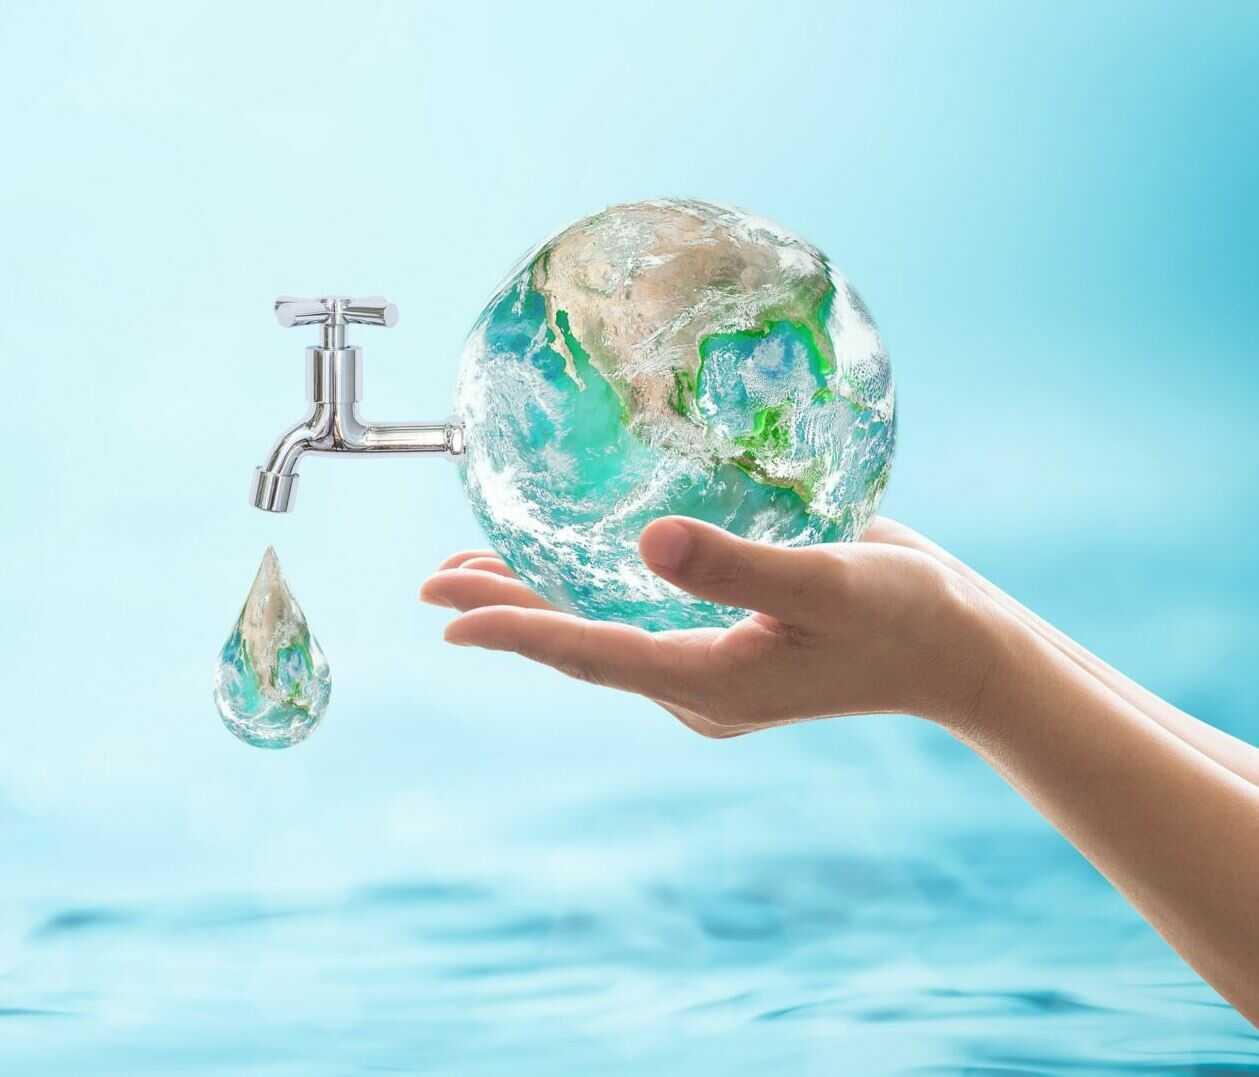 Március 22. – A Víz világnapja